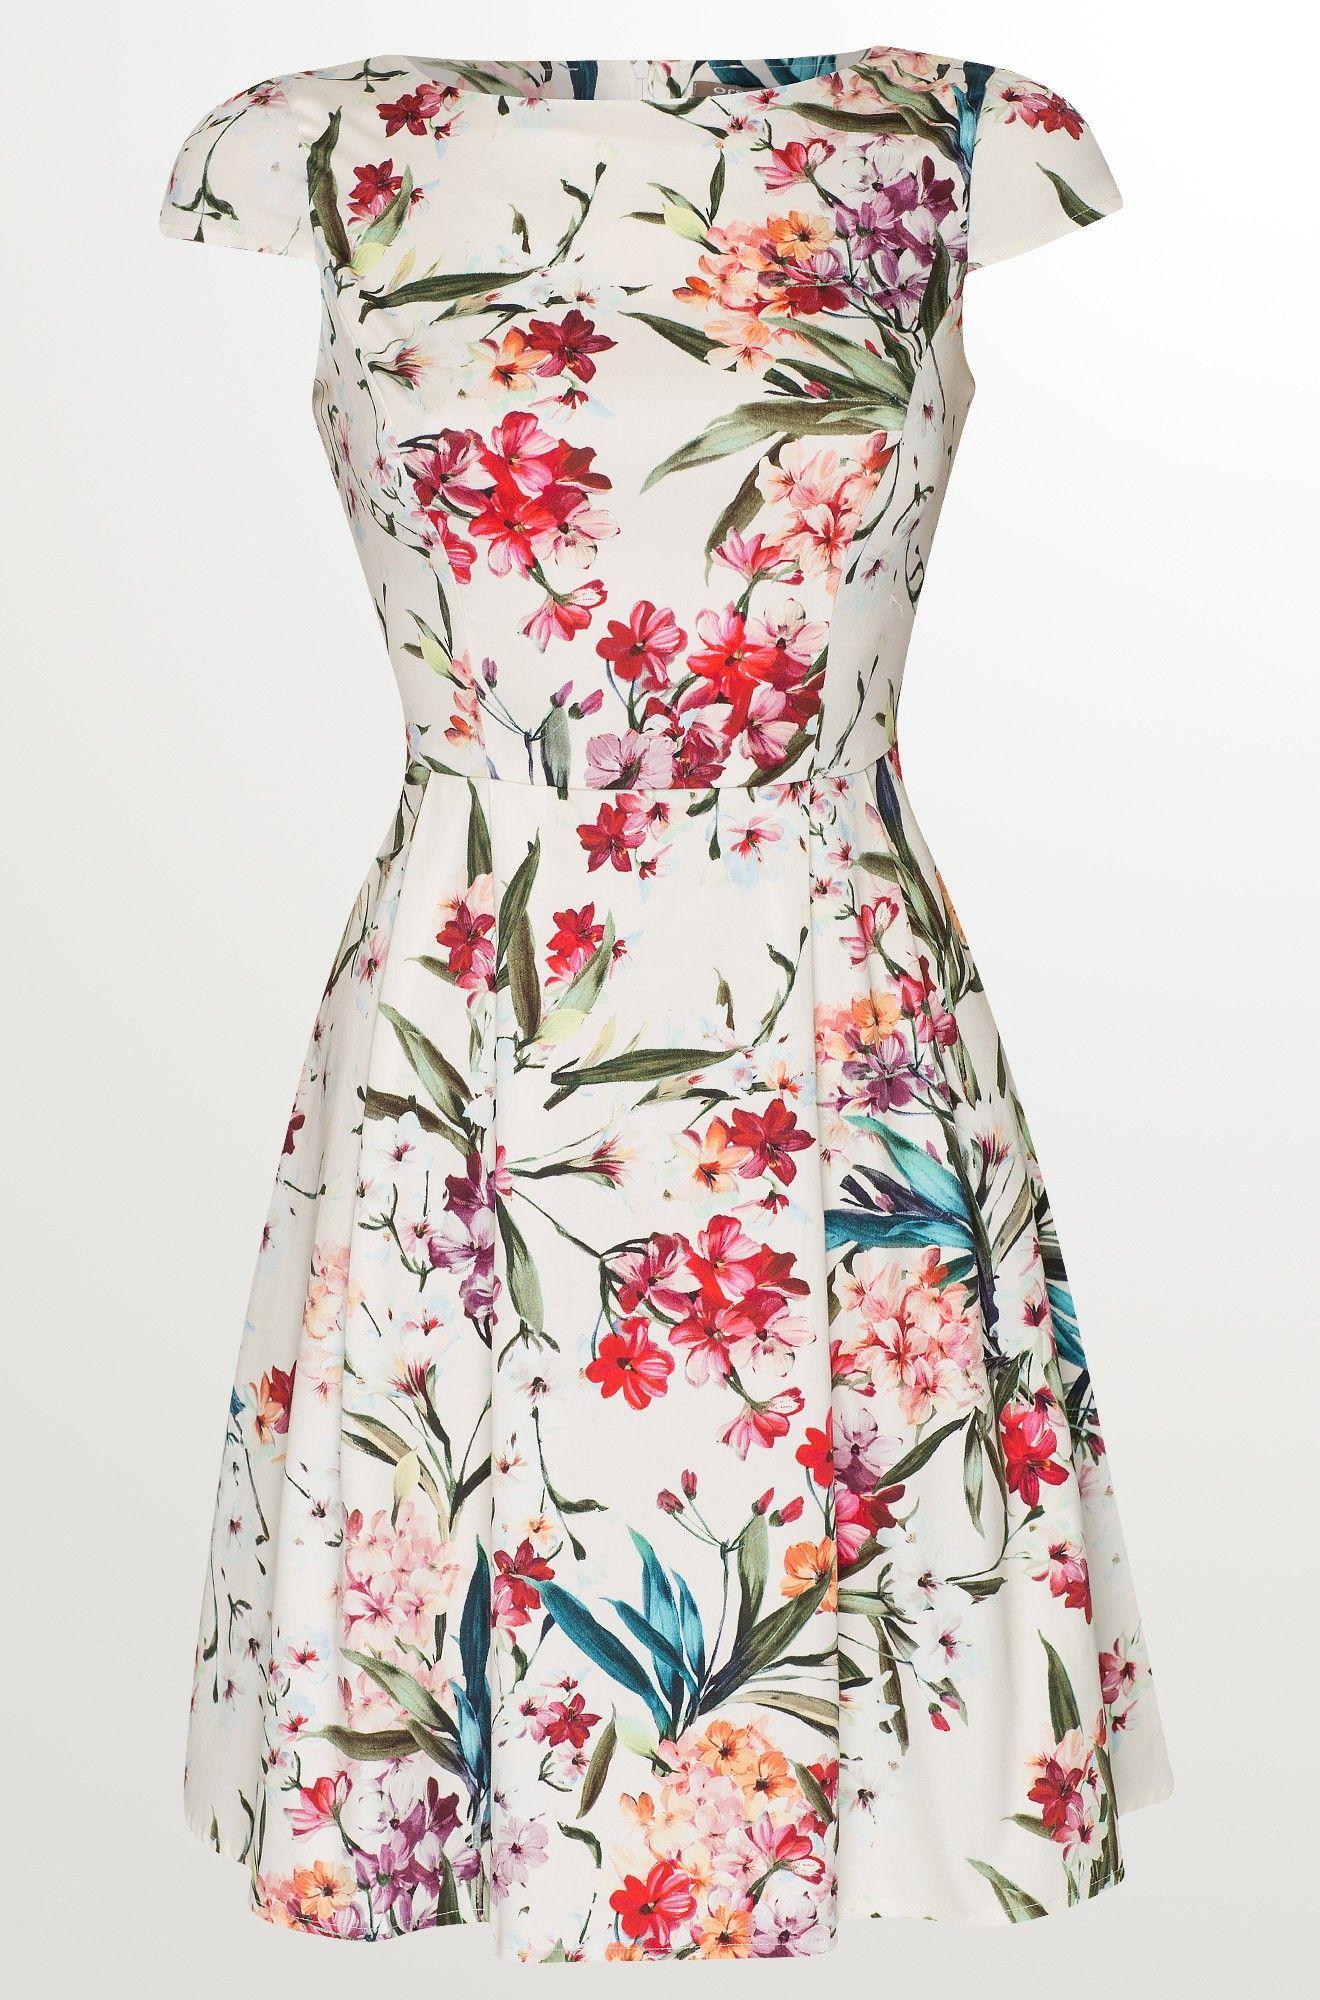 Kleid mit Blumen-Print (With images) | Flower print dress ...